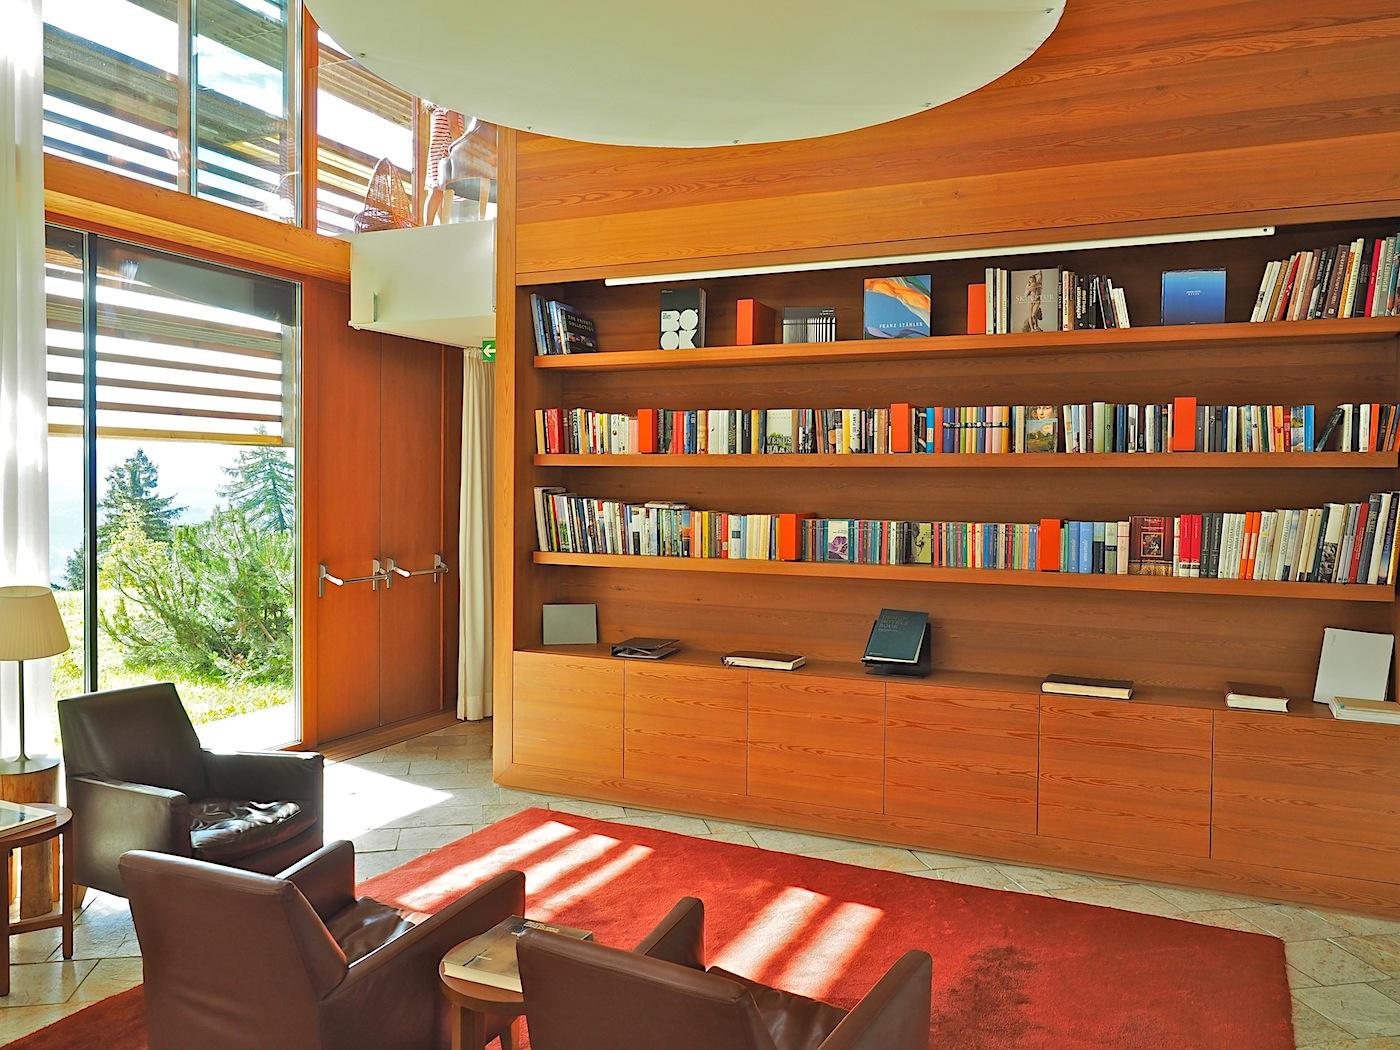 Lichtspiele. Unter der Pendelleuchte von Philippe Starck zeichnen die Lamellen wie in allen Räumen ihre Muster auf den Boden der Bibliothek.